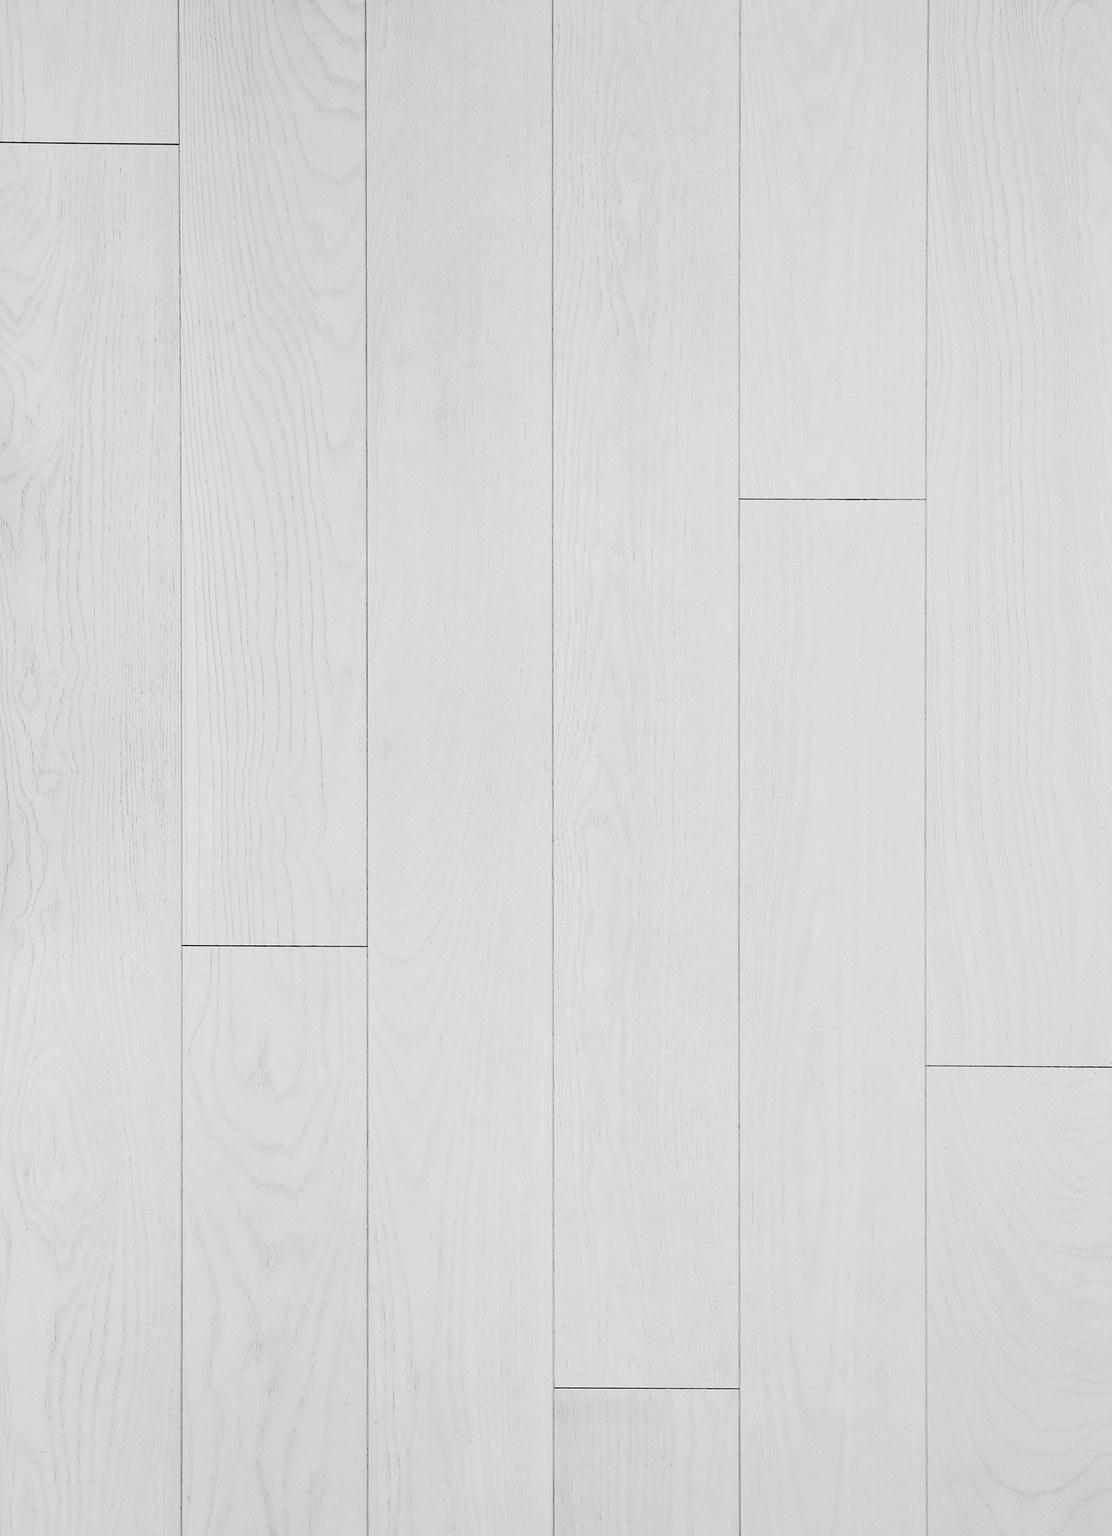 Timberwise Parketti Lankkuparketti Puulattia Wooden Floor Parquet Plank Saarni Ash Select Polar 2D1